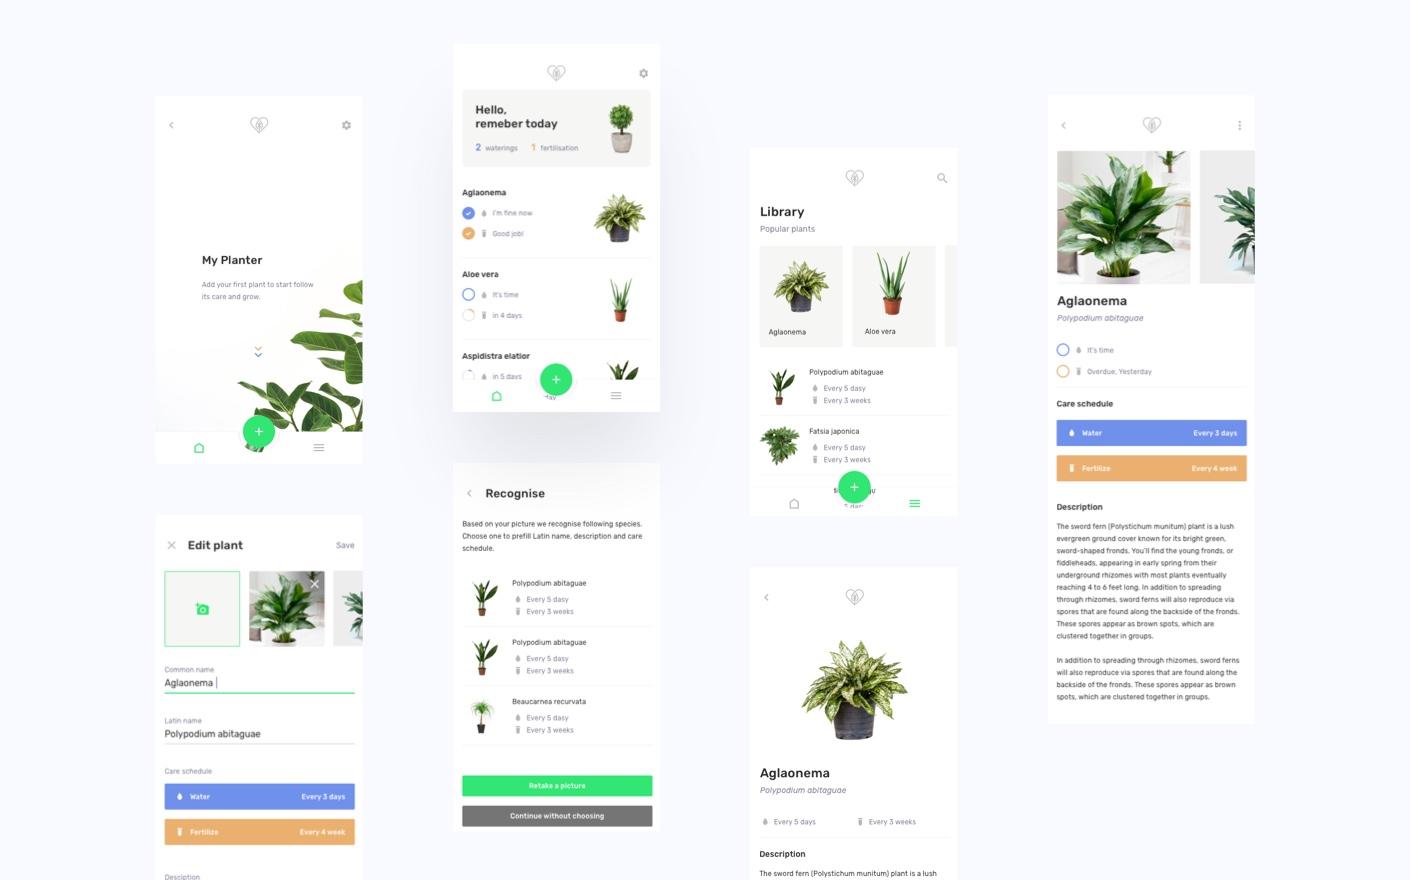 Planter - slide 1